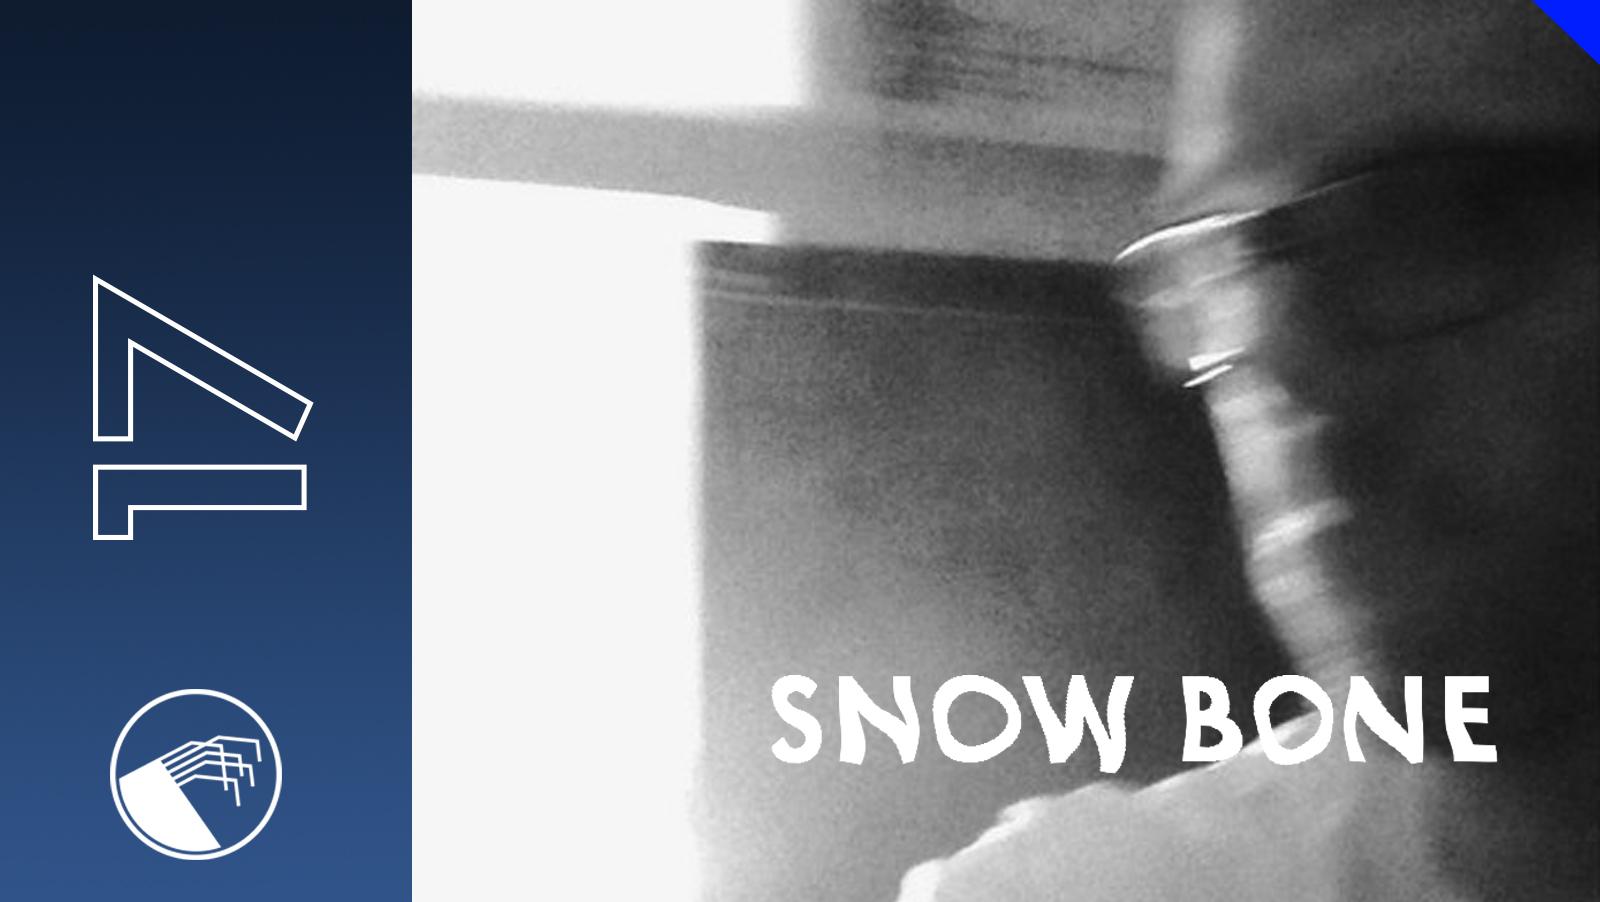 017 Snow Bone